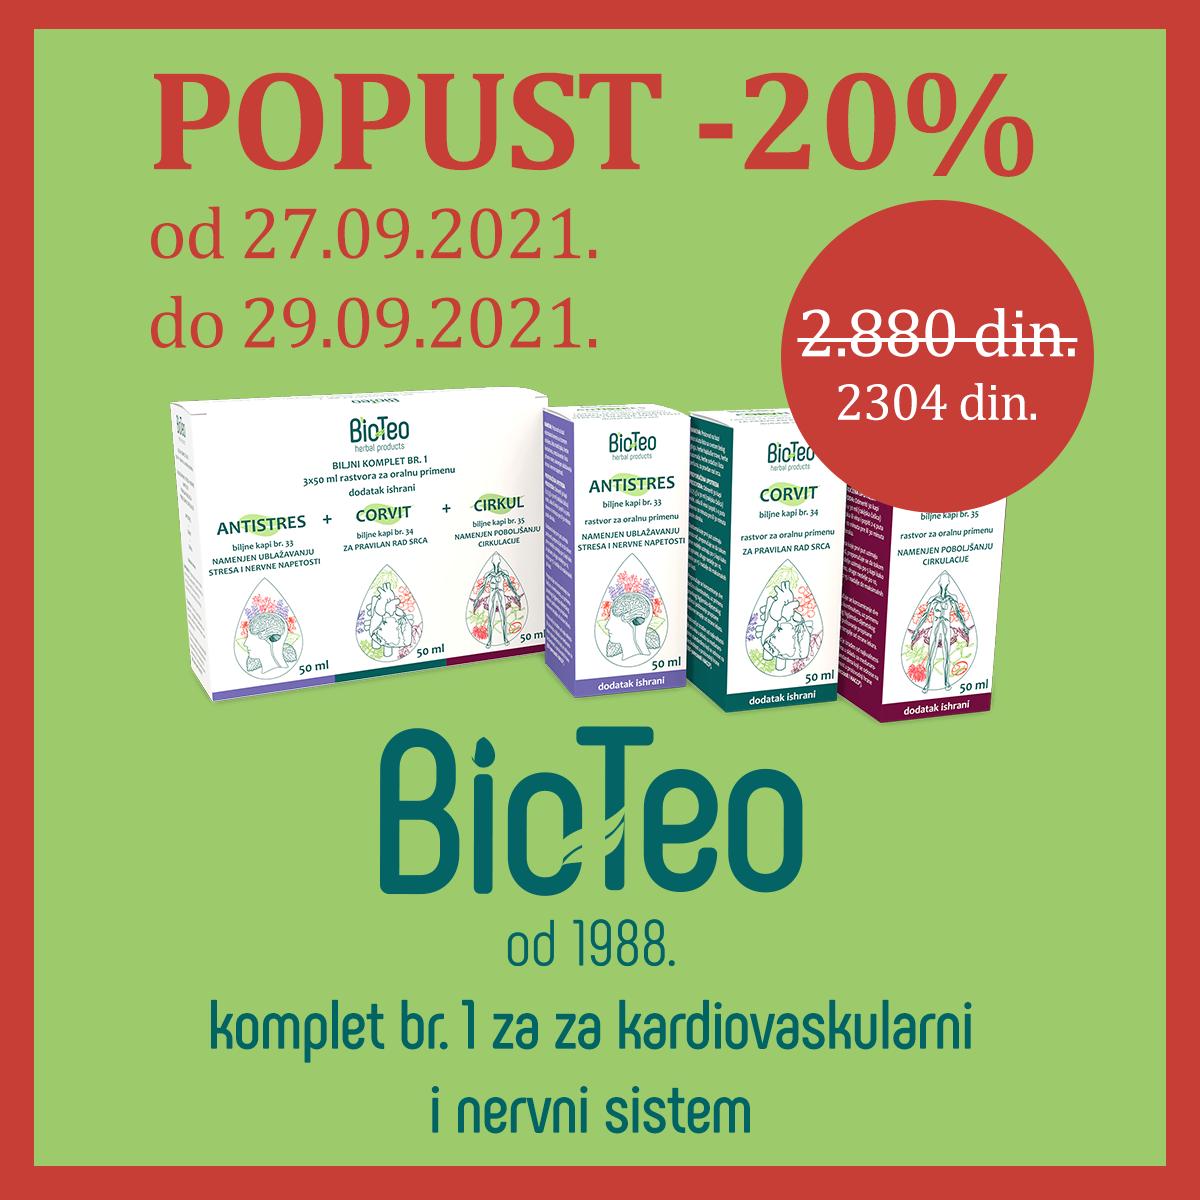 BioTeo